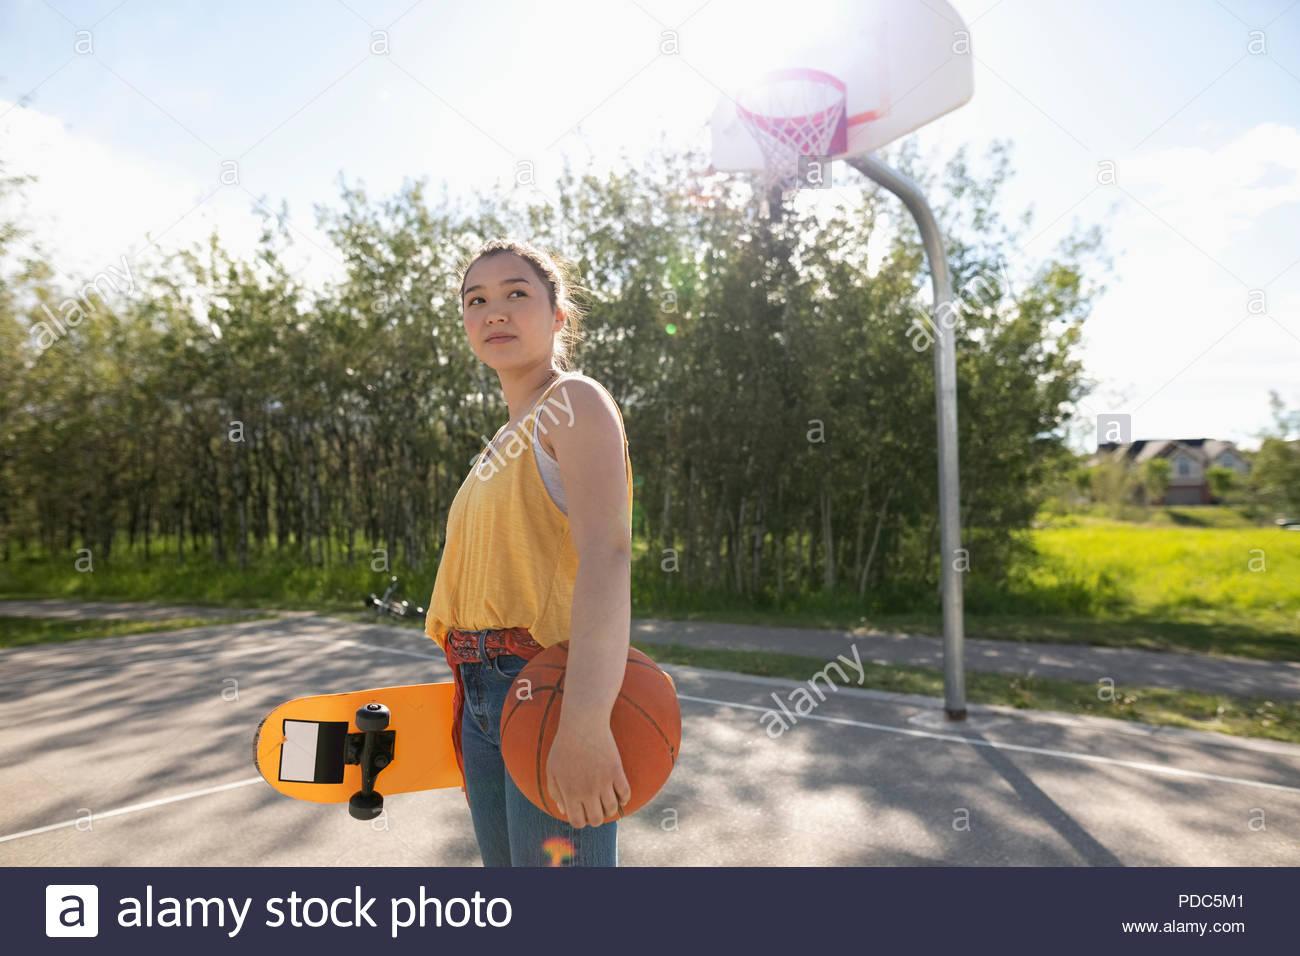 Seguros, cool adolescente con el monopatín y el baloncesto en sunny park cancha de baloncesto Imagen De Stock